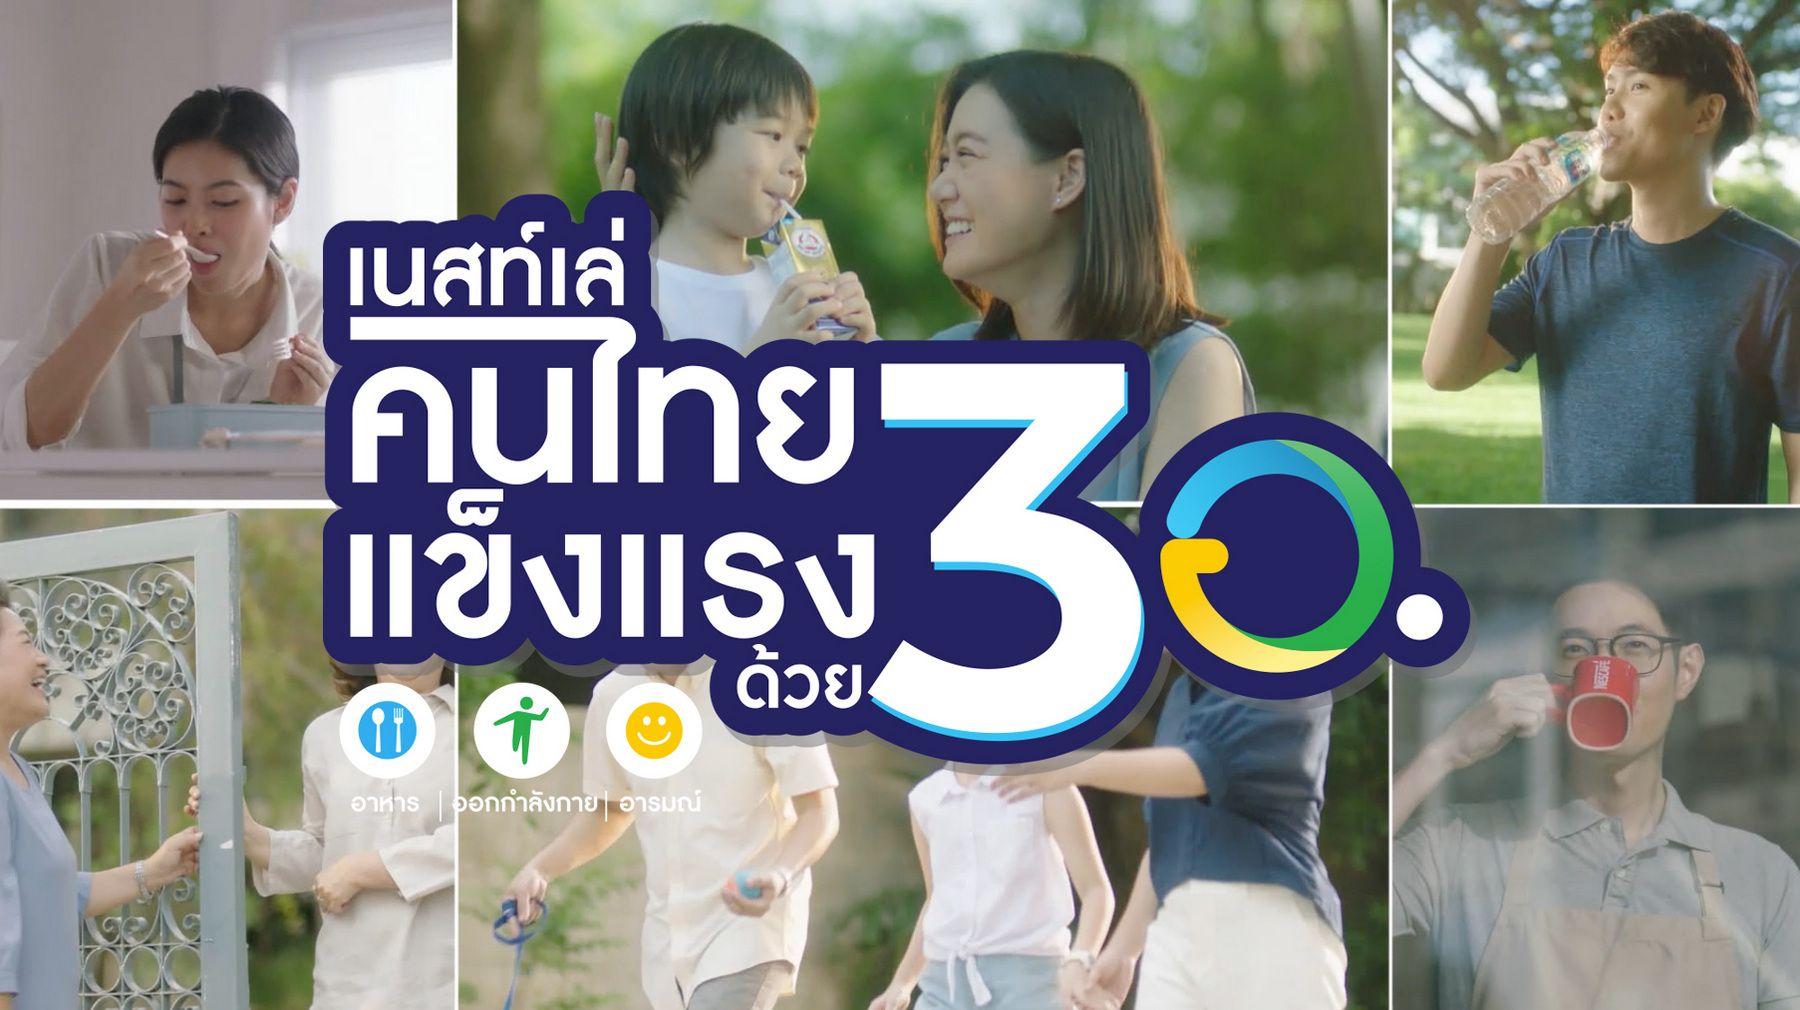 เนสท์เล่ ส่งวิดีโอคลิป หนุนคนไทยแข็งแรงด้วย 3อ. รับชีวิตวีถีใหม่ด้วยความพร้อมทั้งกายใจ